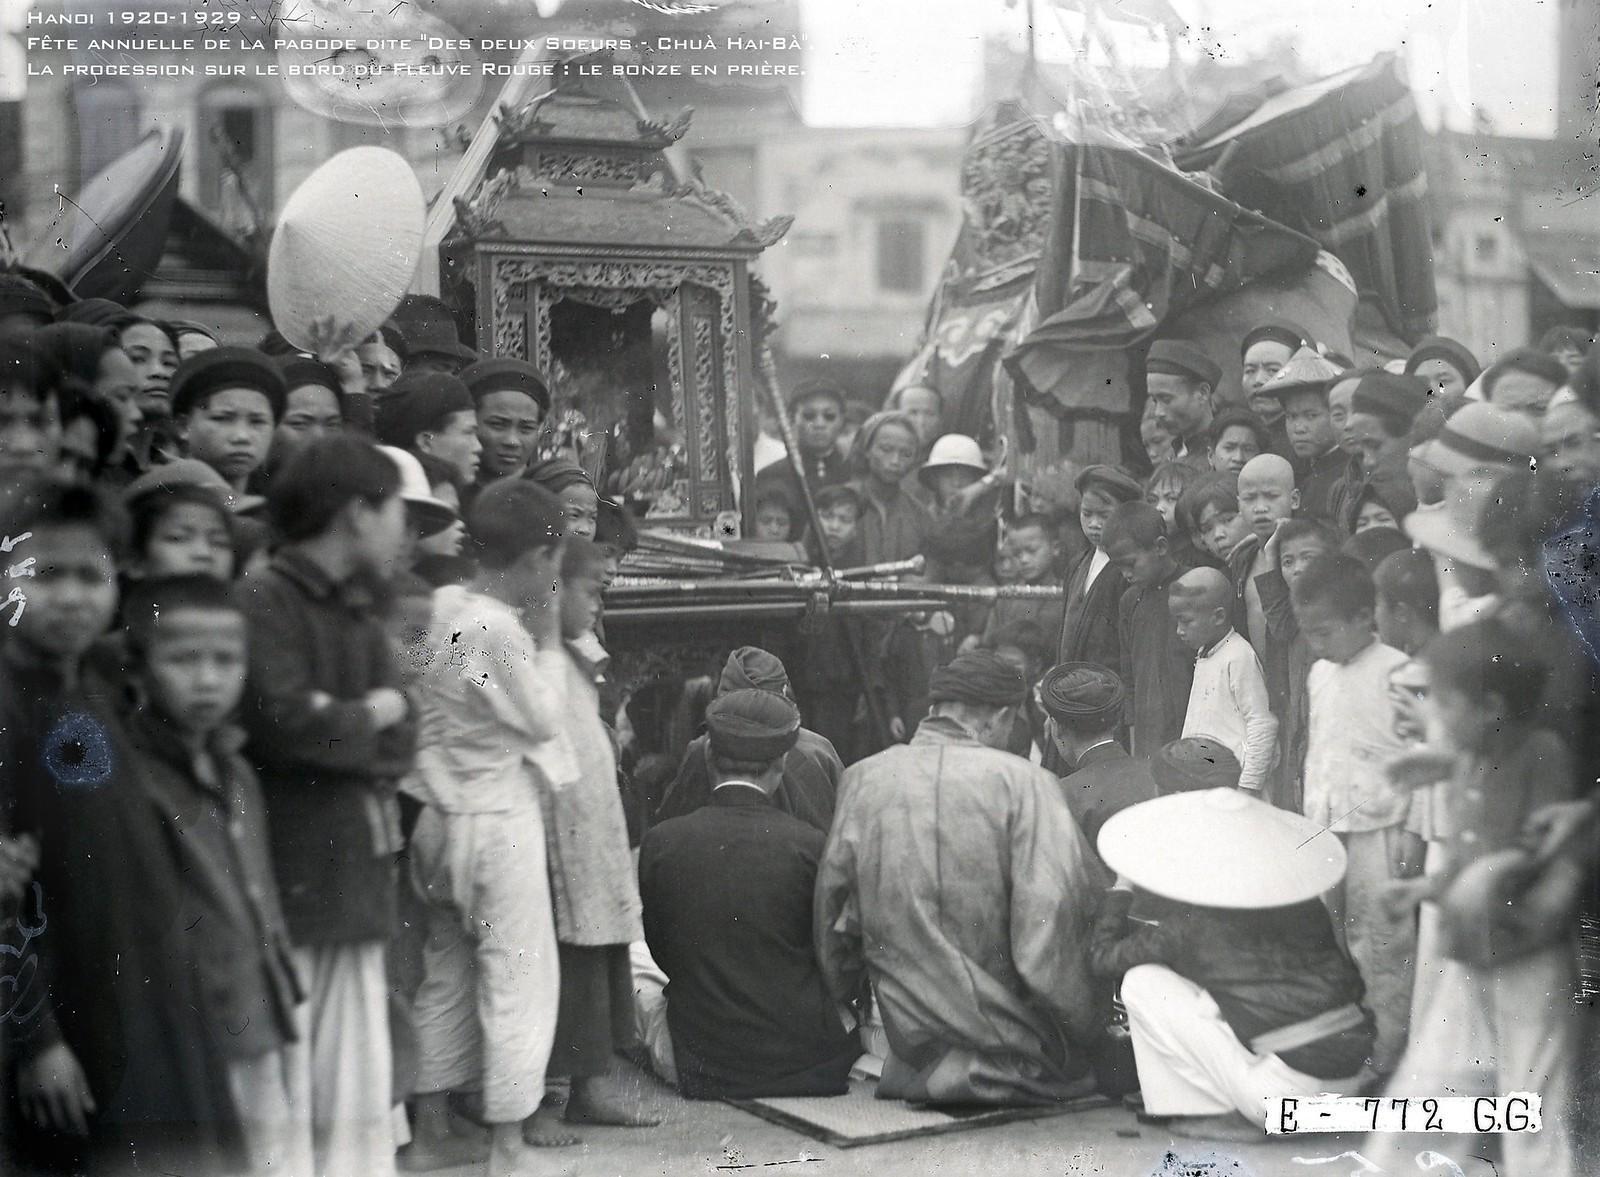 Lễ hội đền Đồng Nhân ở Hà Nội thập niên 1920